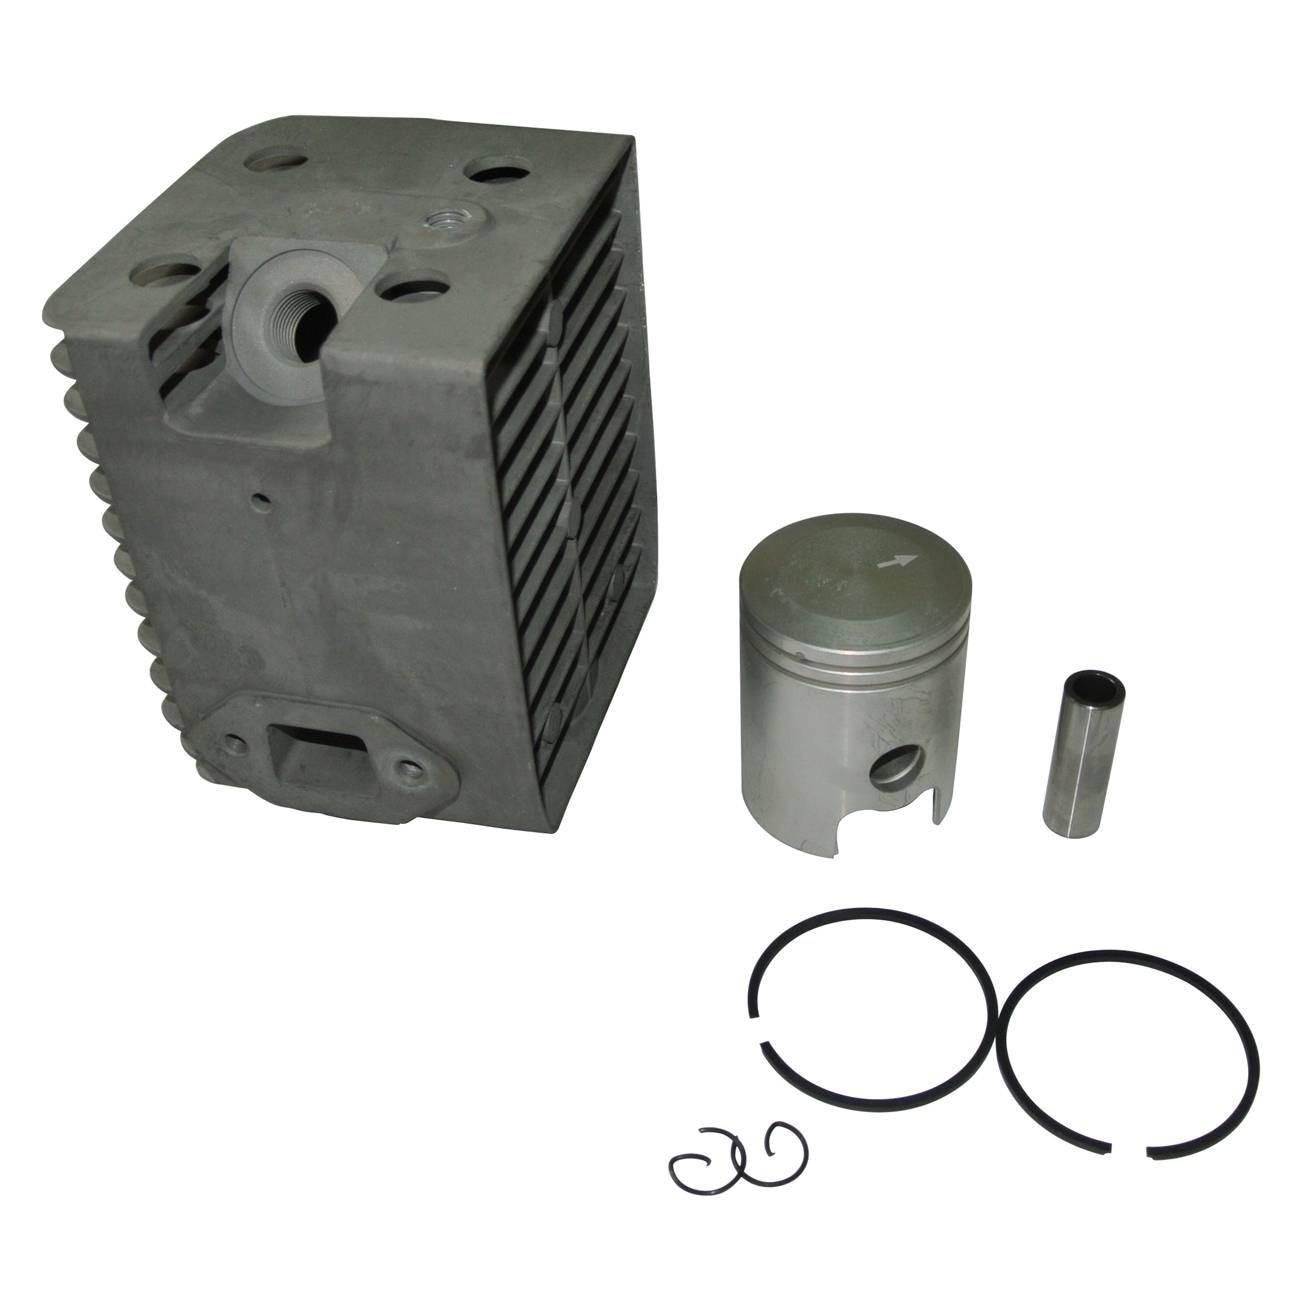 Cylinder & Piston Fits WACKER WM80 BS500 BS502 BS502I BS600 BS602 BS602I BS700